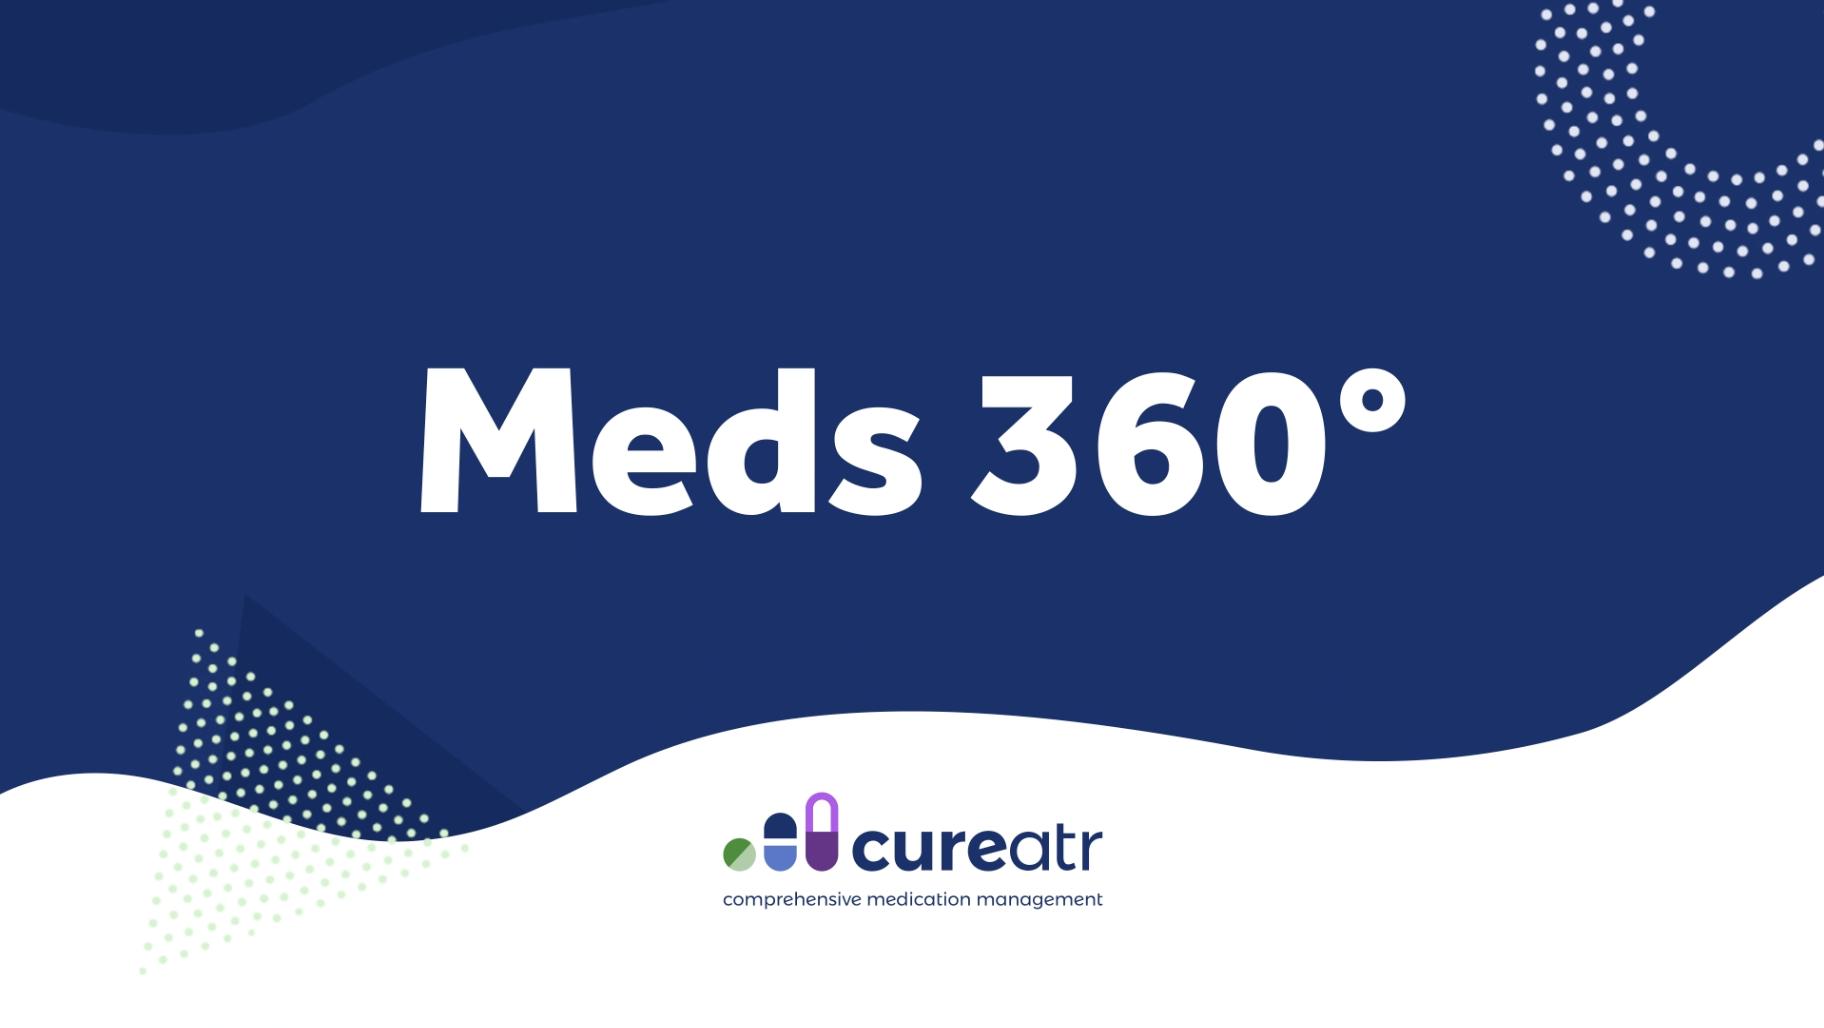 Cureatr-Meds-360-Explainer-Video-Subtitles